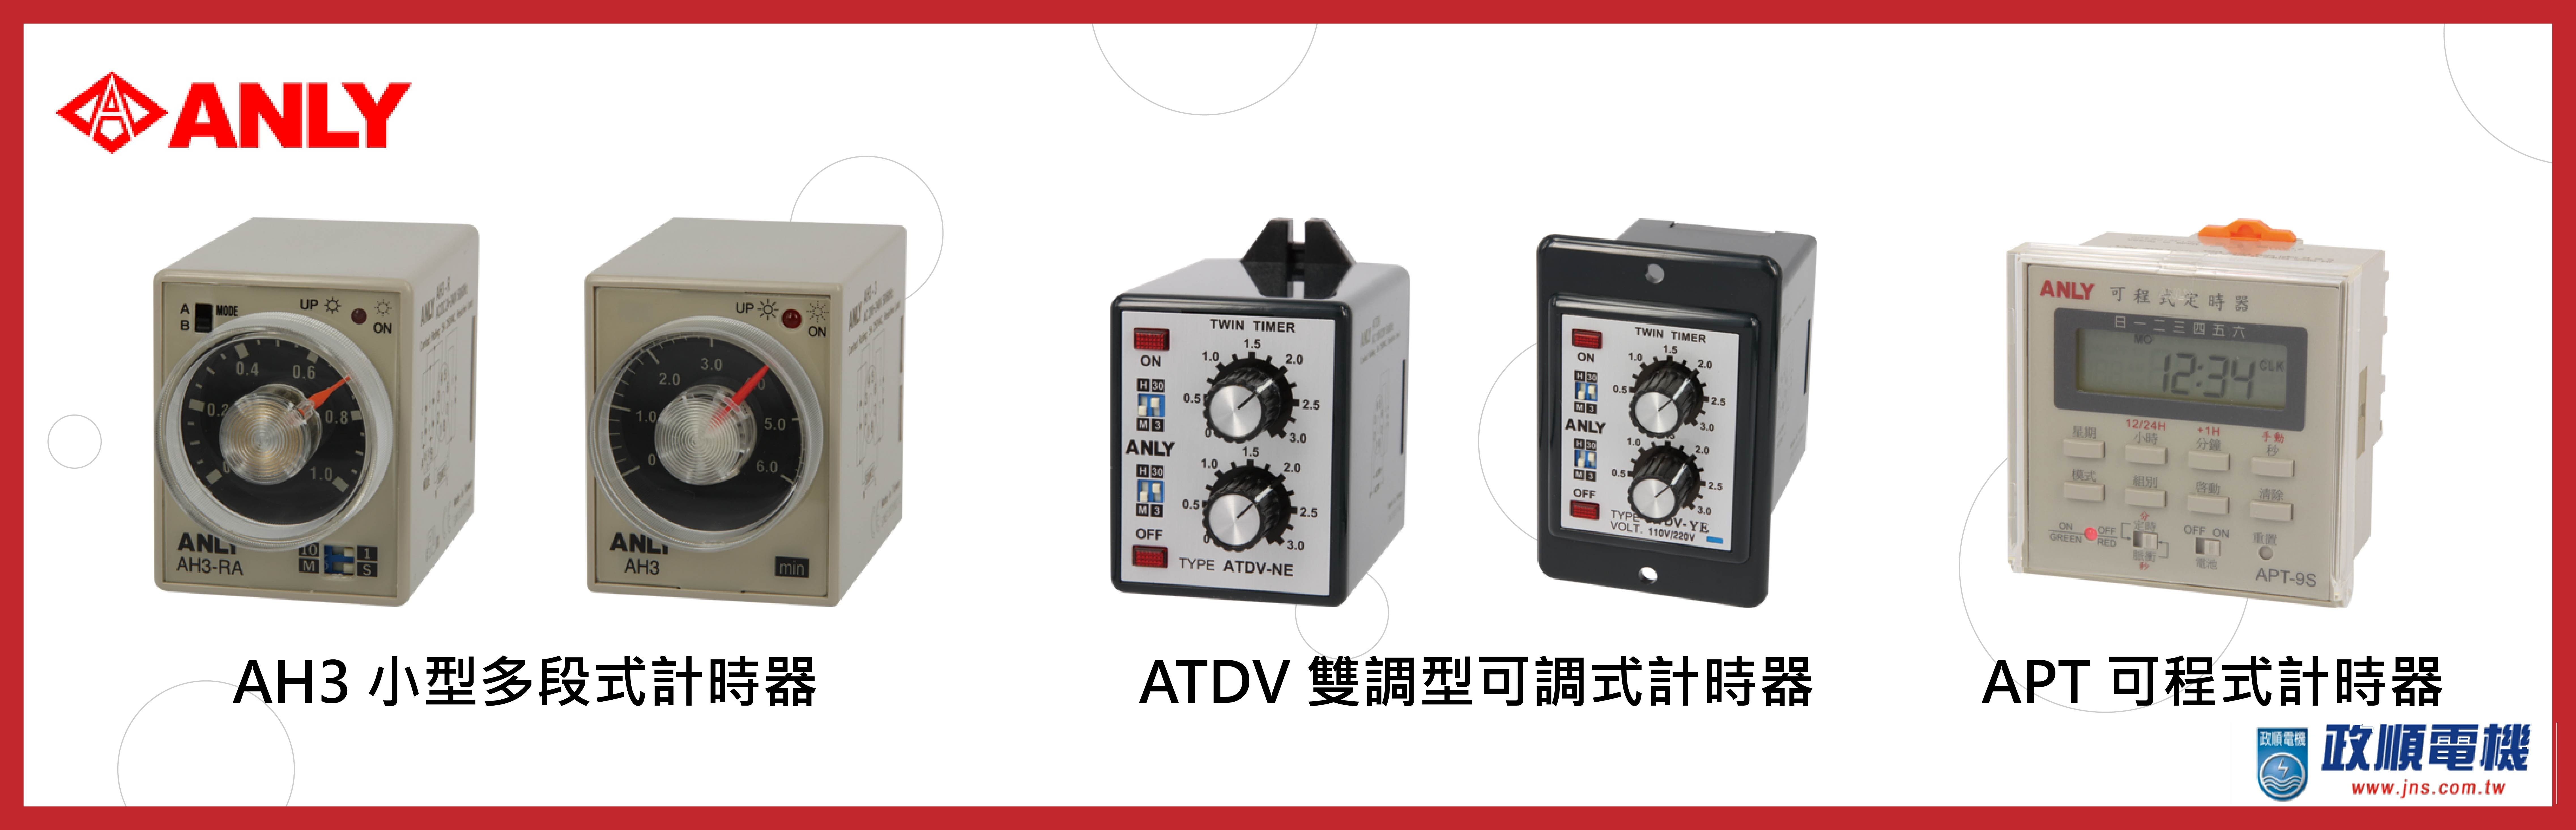 安良ANLY/AH3/多段式計時器/ATDV/雙調型可調式計時器/APT/可程式計時器/限時繼電器/TIMER RELAY/政順電機